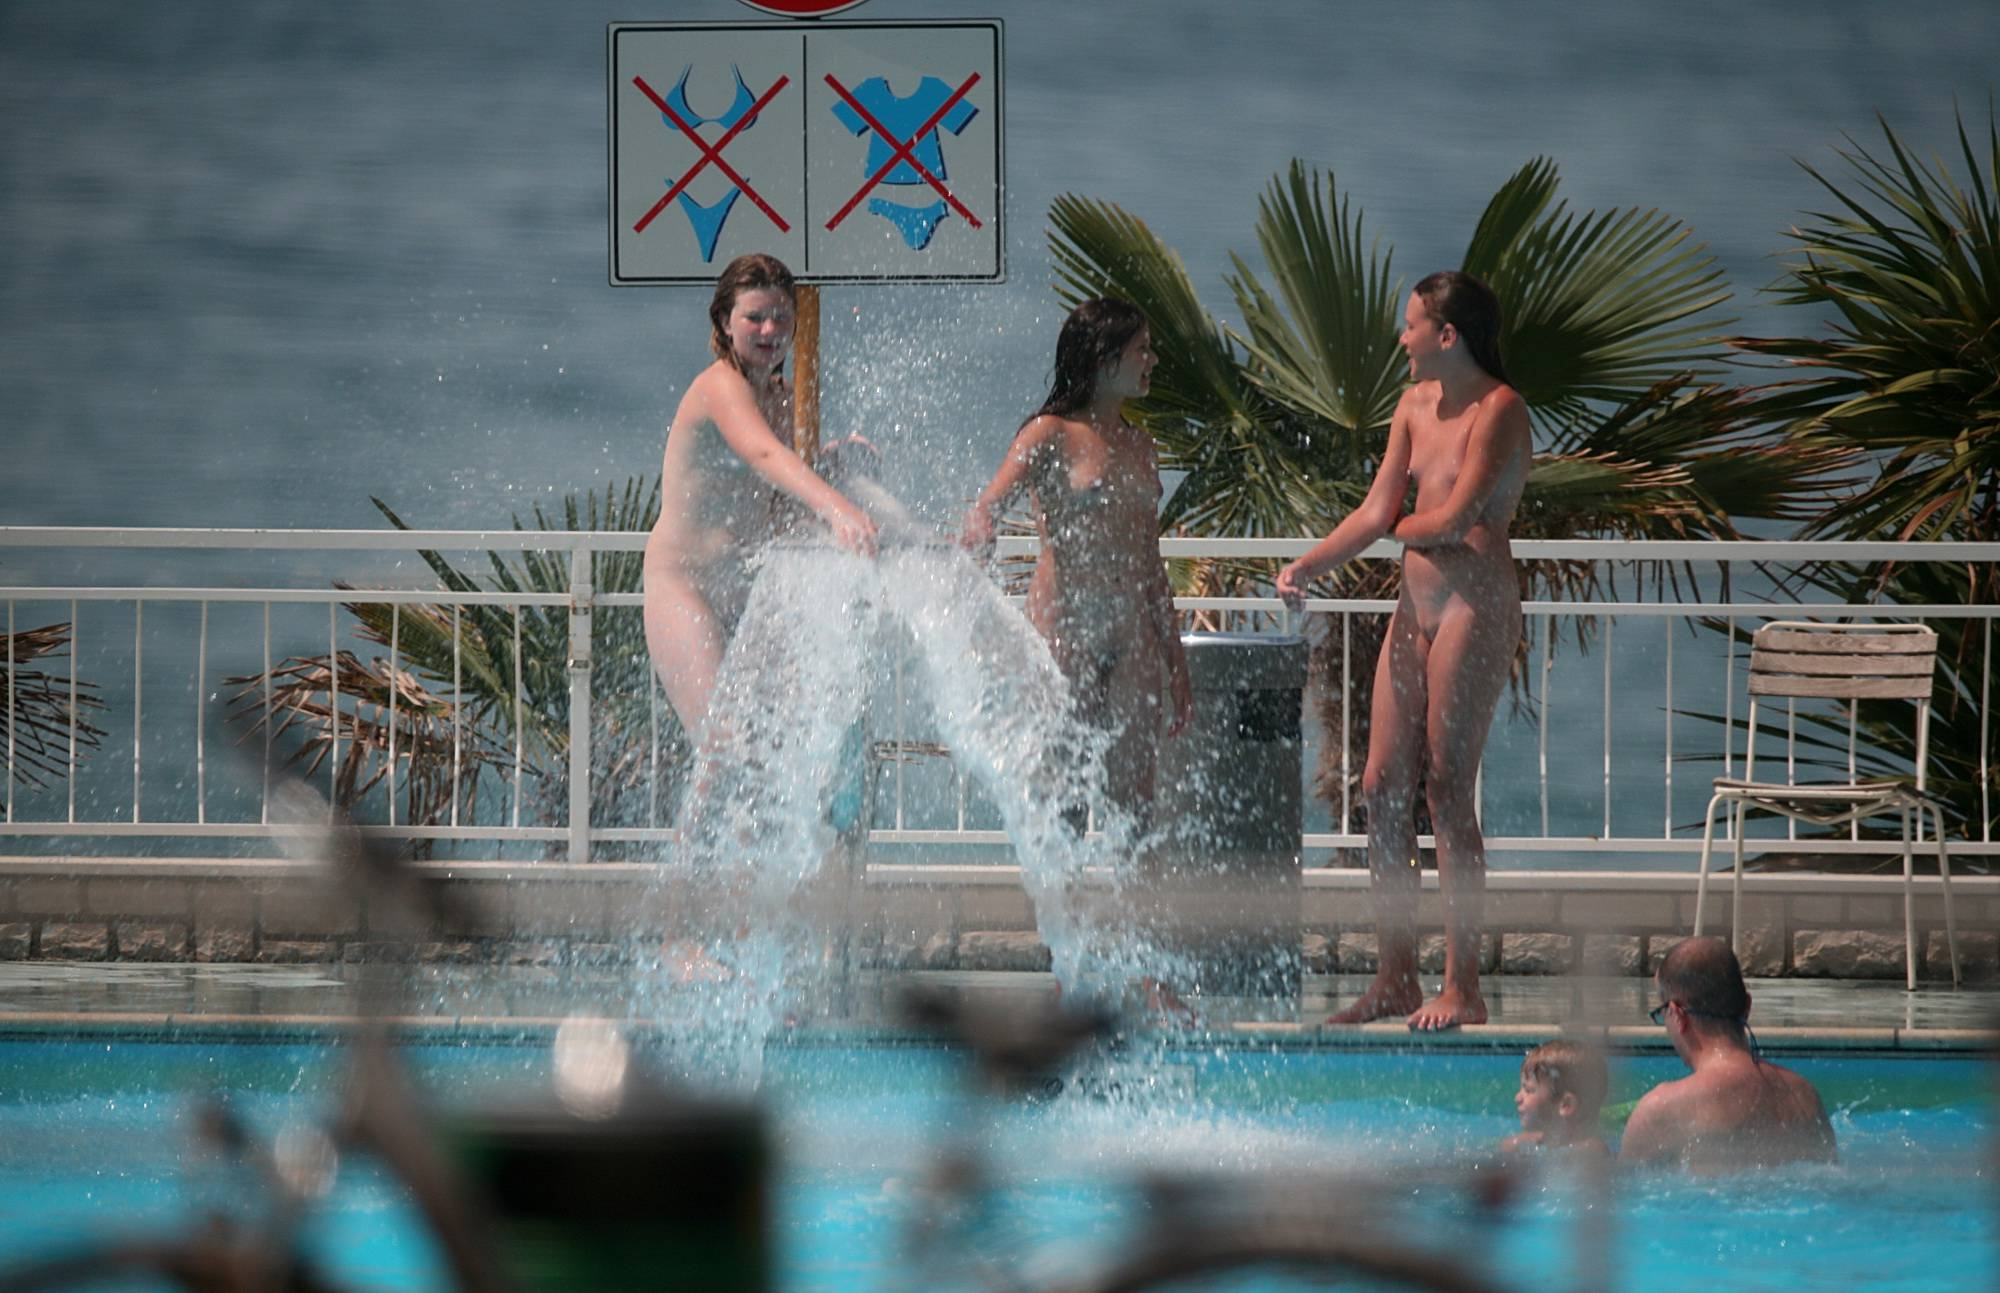 Nude Pool Sprinkler Play - 3